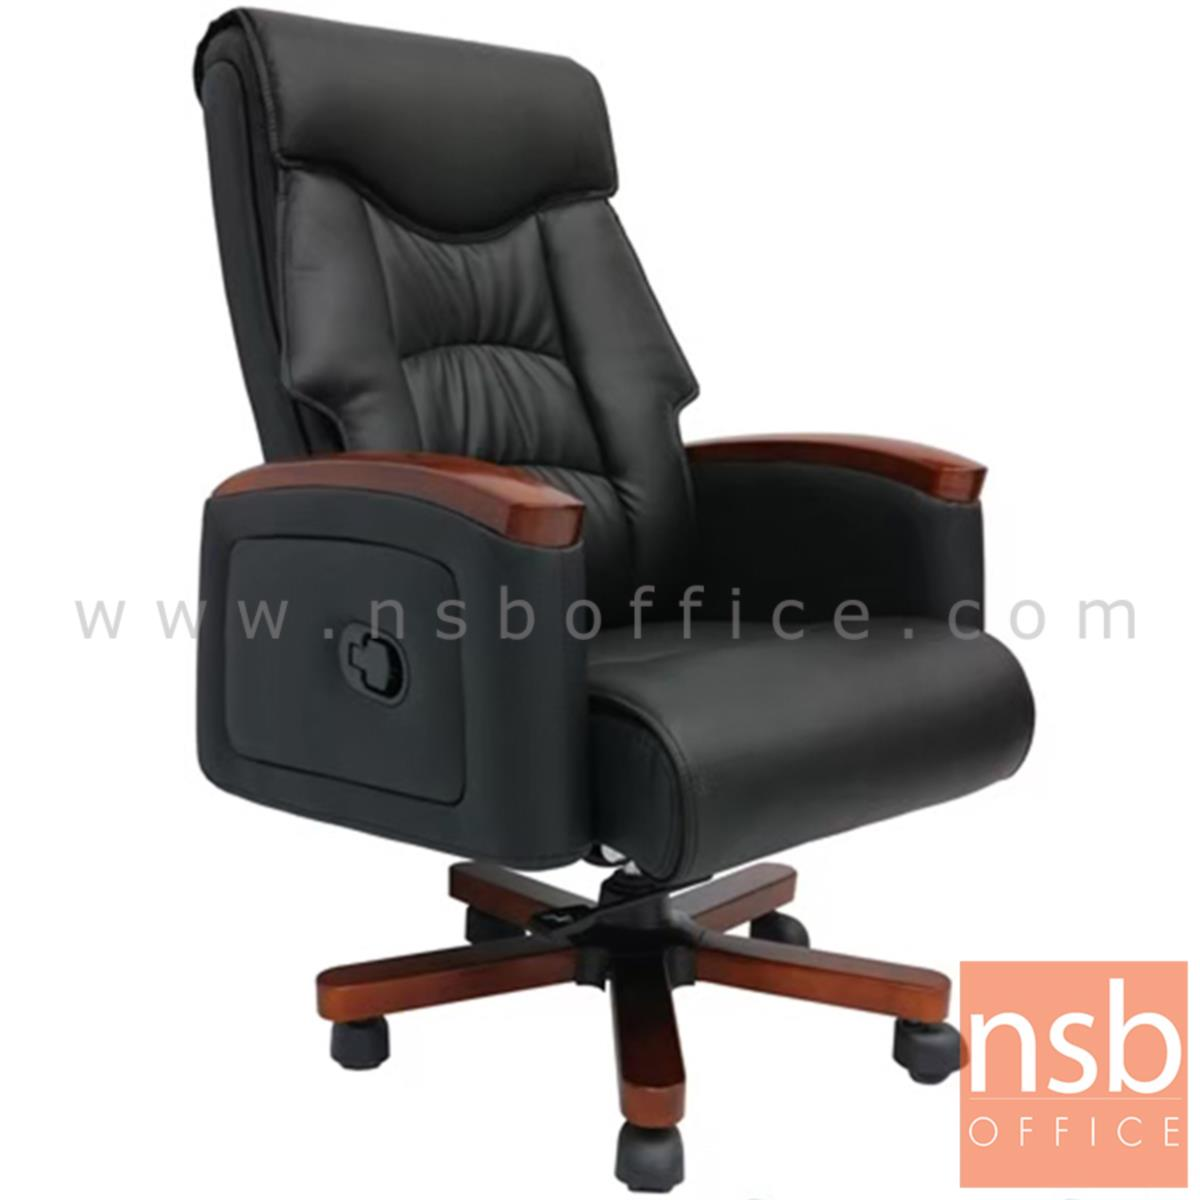 B25A123:เก้าอี้ผู้บริหารหนังเทียม รุ่น Raylen (เรย์เลน)  โช๊คแก๊ส ขาไม้